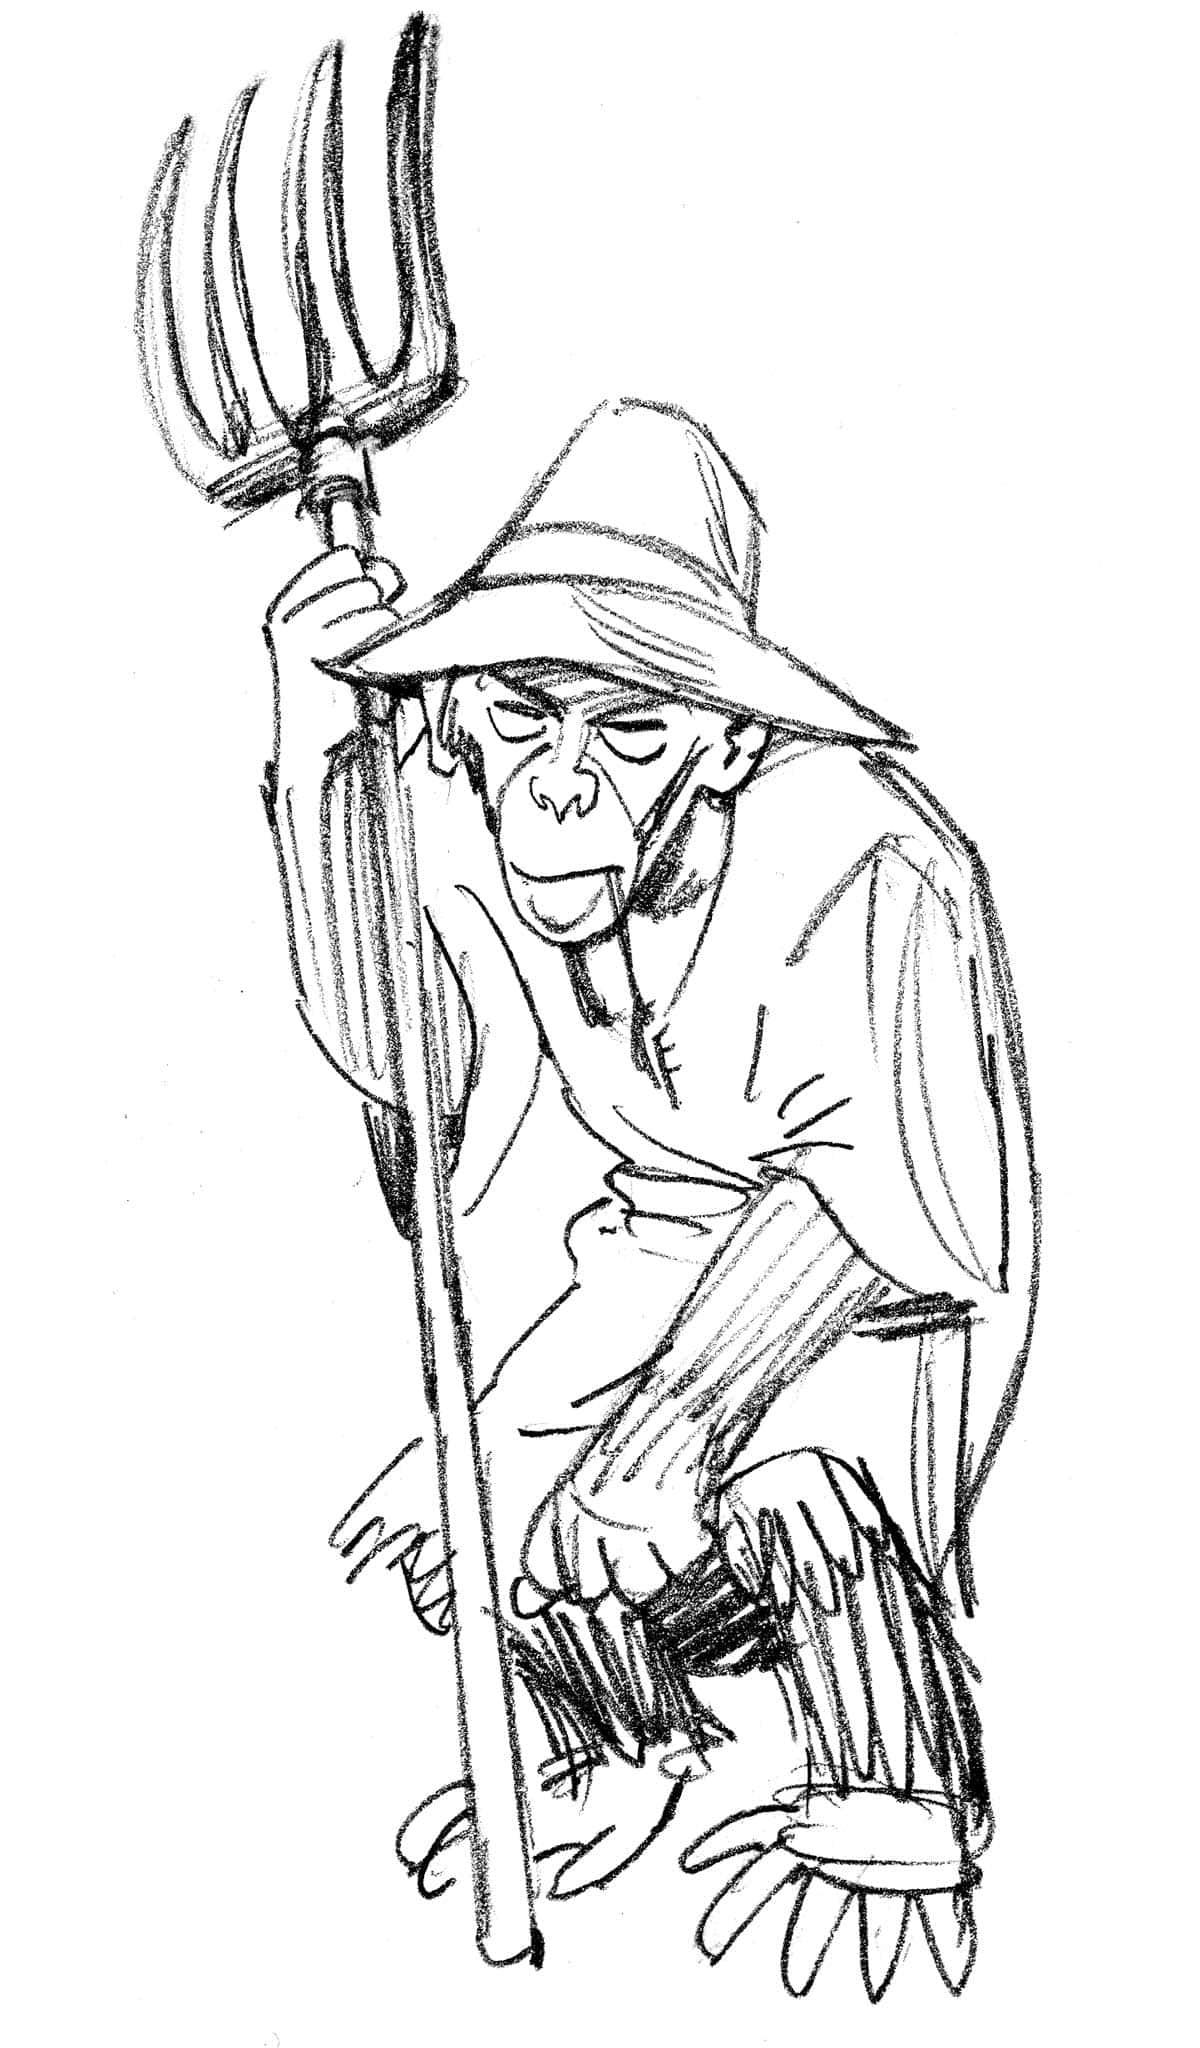 KH2900L-battle-monkeys-farmer-chimp